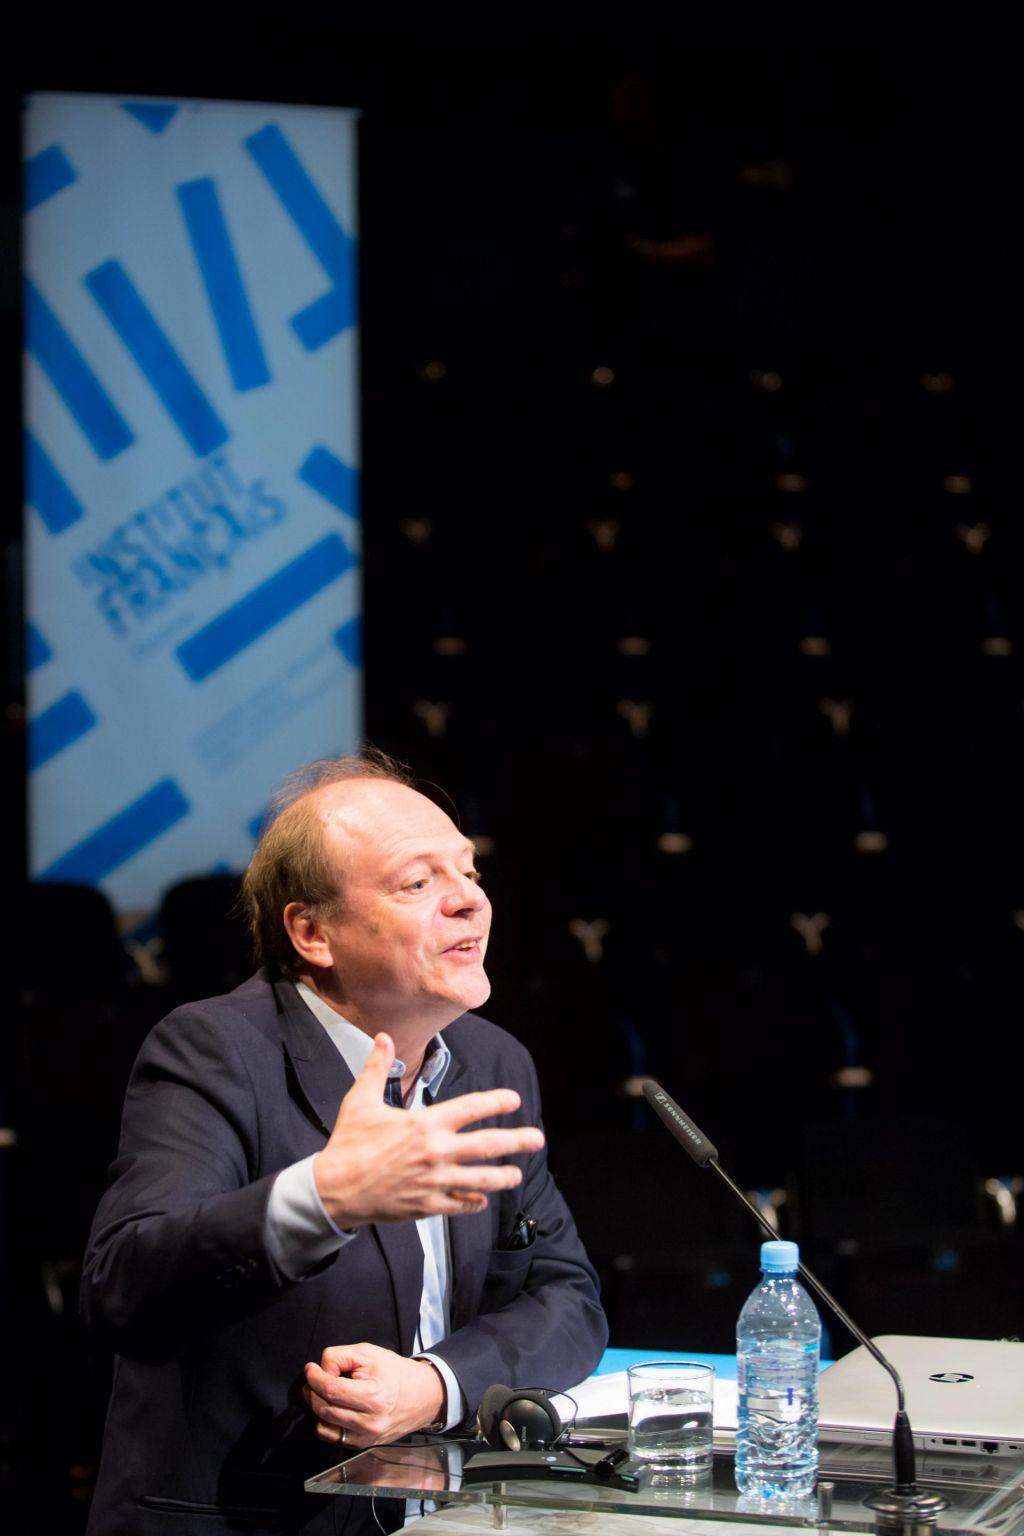 Patrick Boucheron, francoski zgodovinar: Pozaba je gonilo življenja!